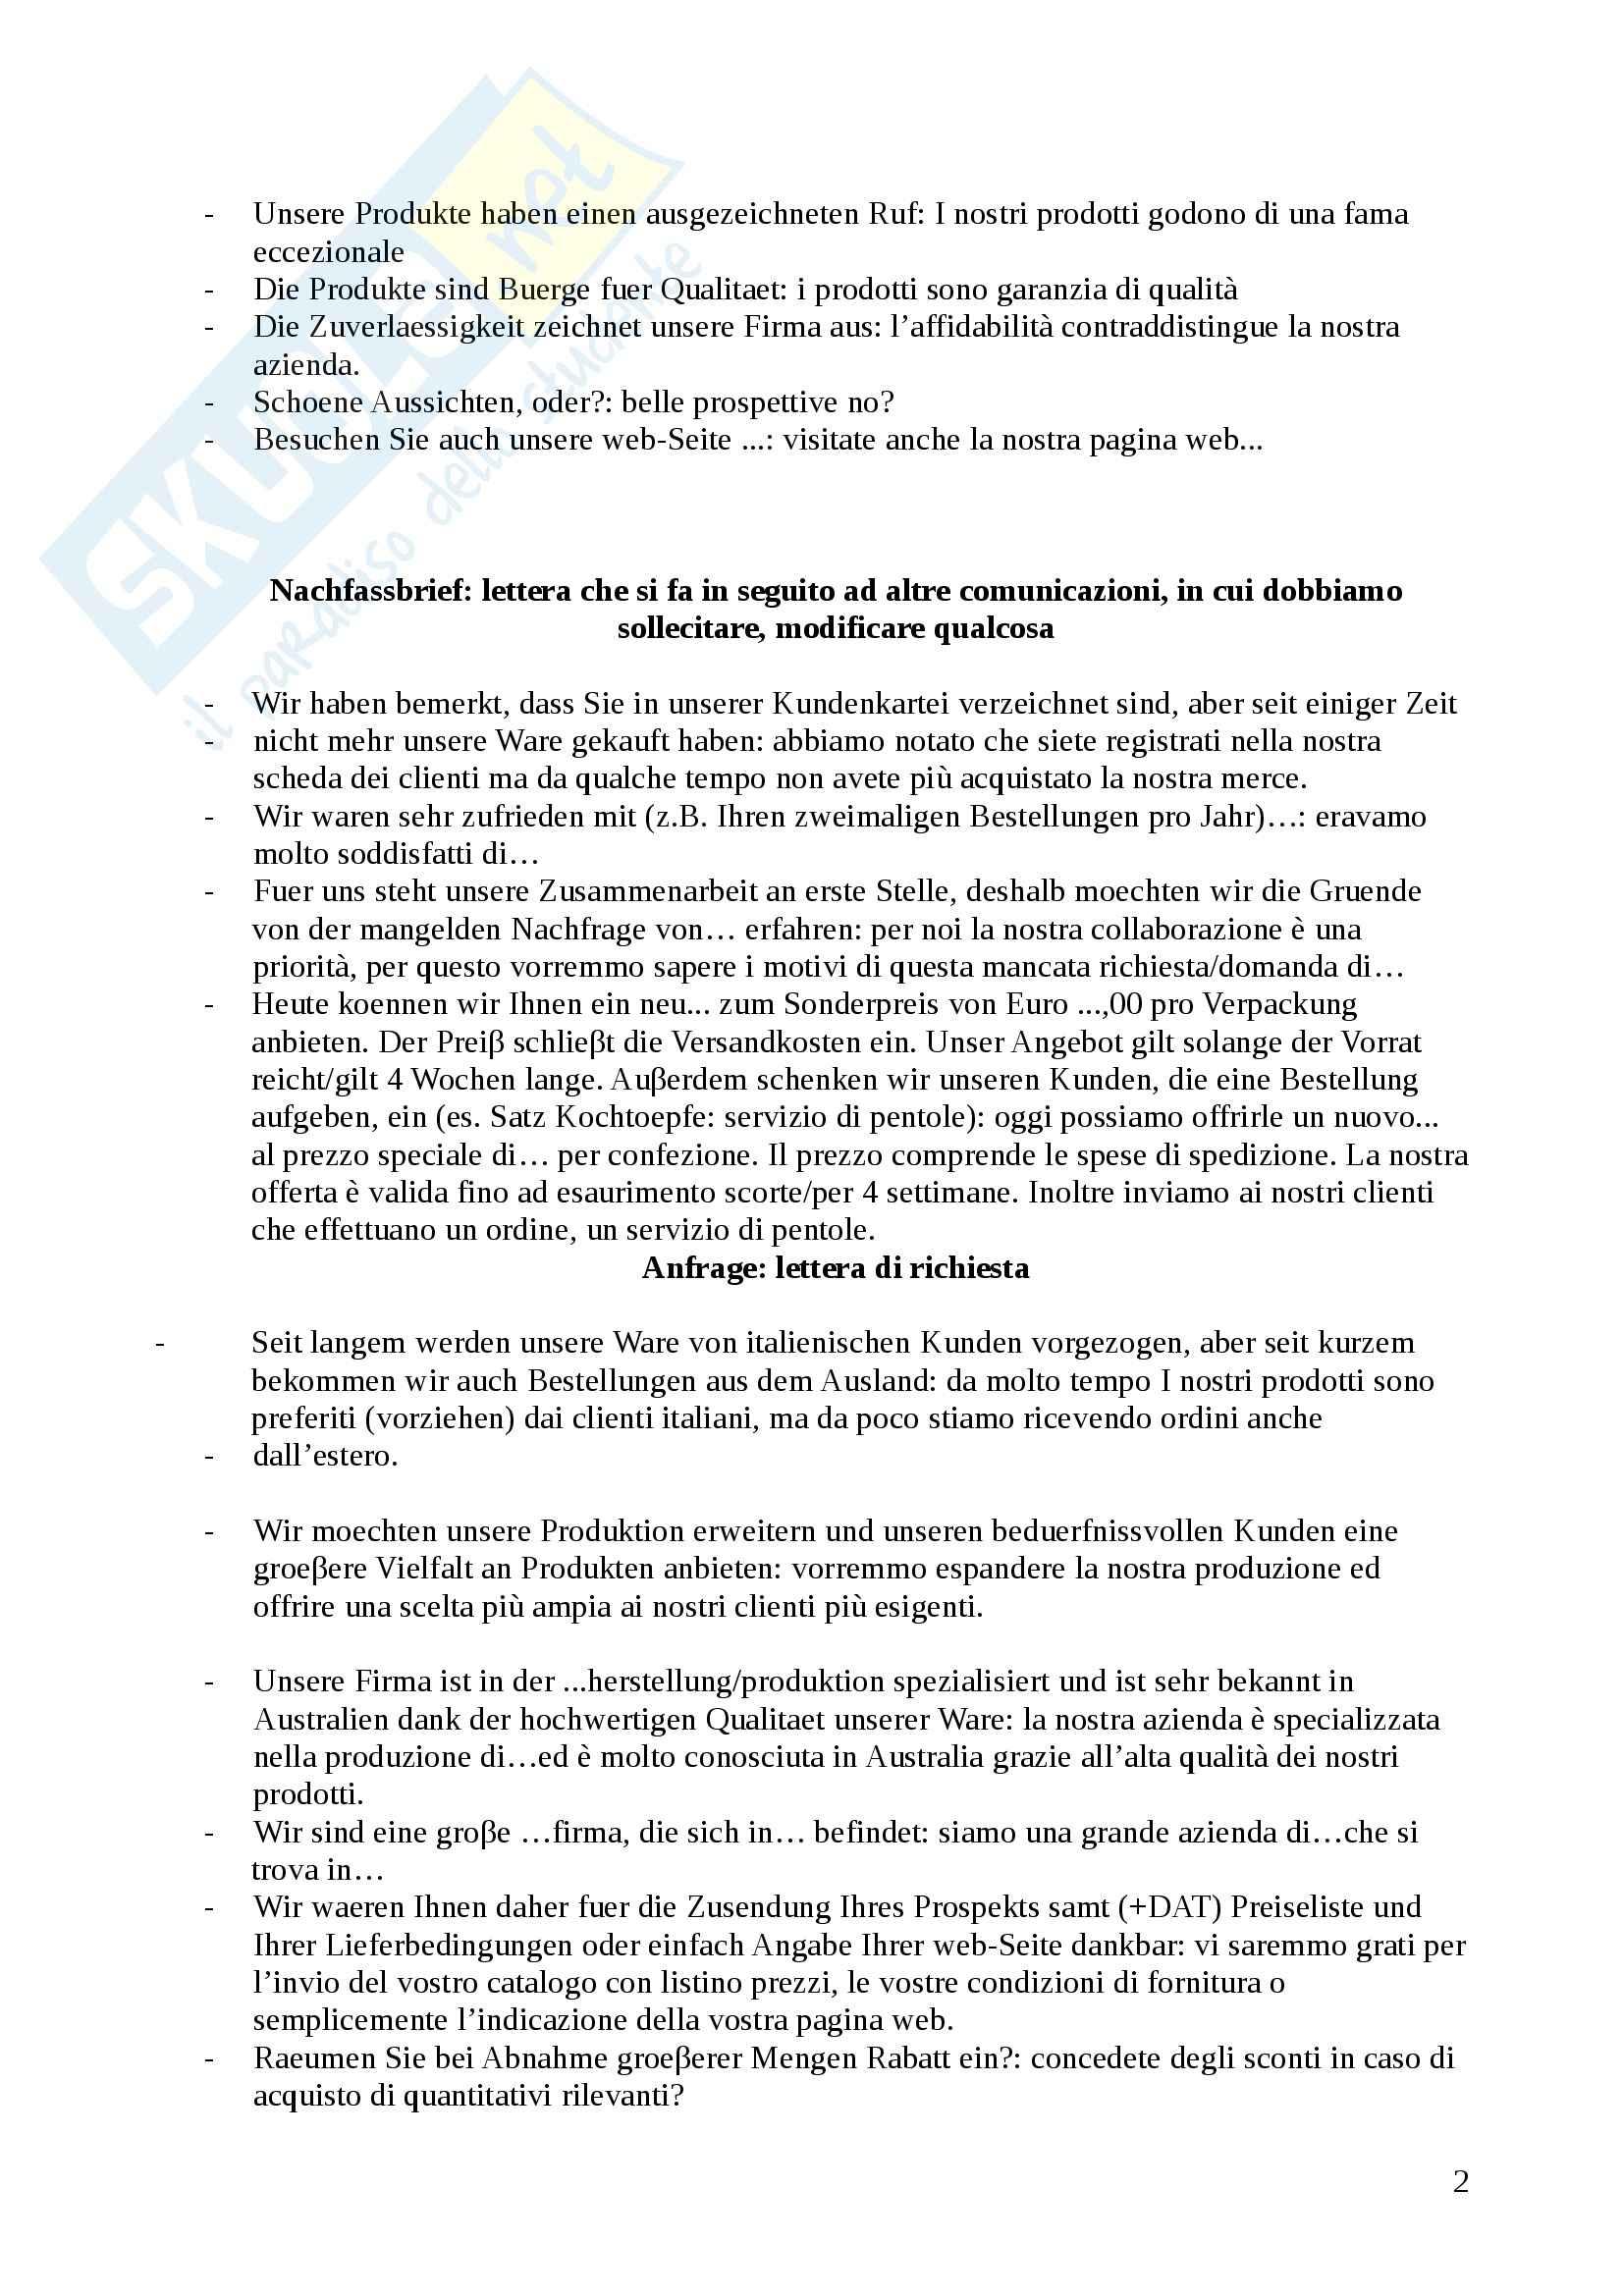 Lingua tedesca - Struttura di una lettera commerciale tedesca e tipologie Pag. 2